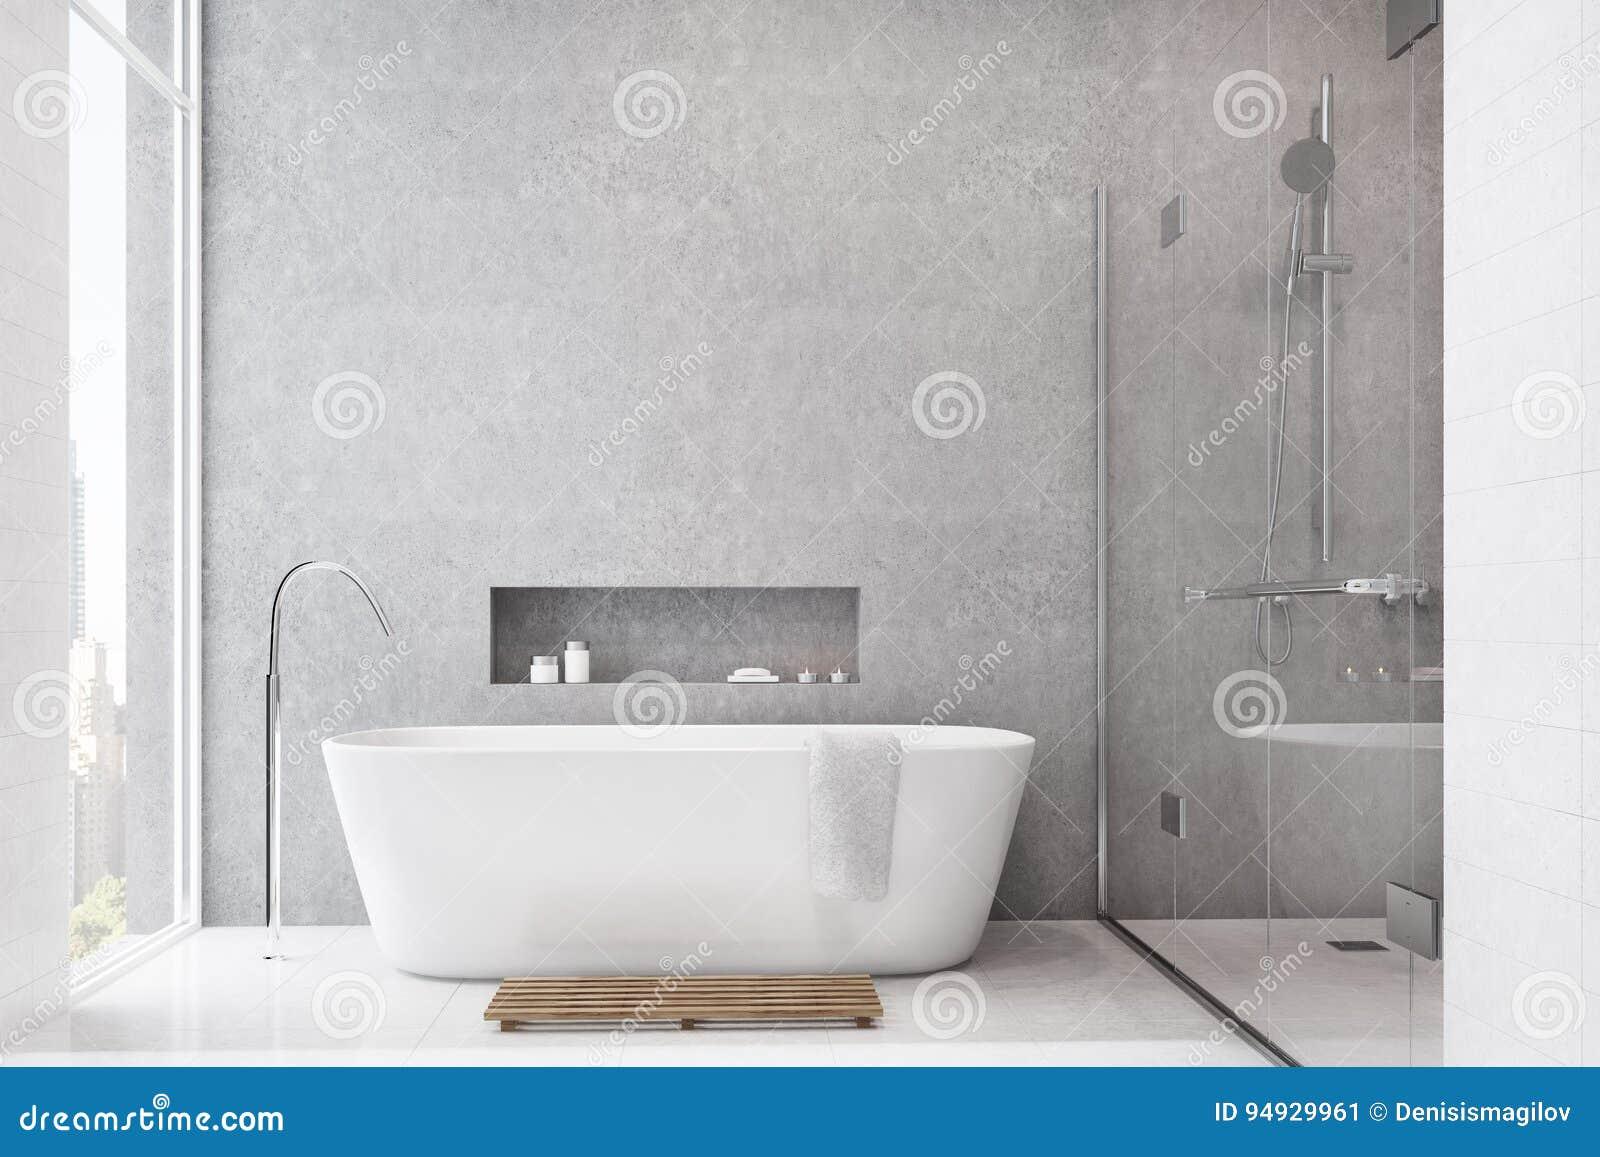 Gray Bathroom, White Tiles, Shower Stock Illustration - Illustration ...